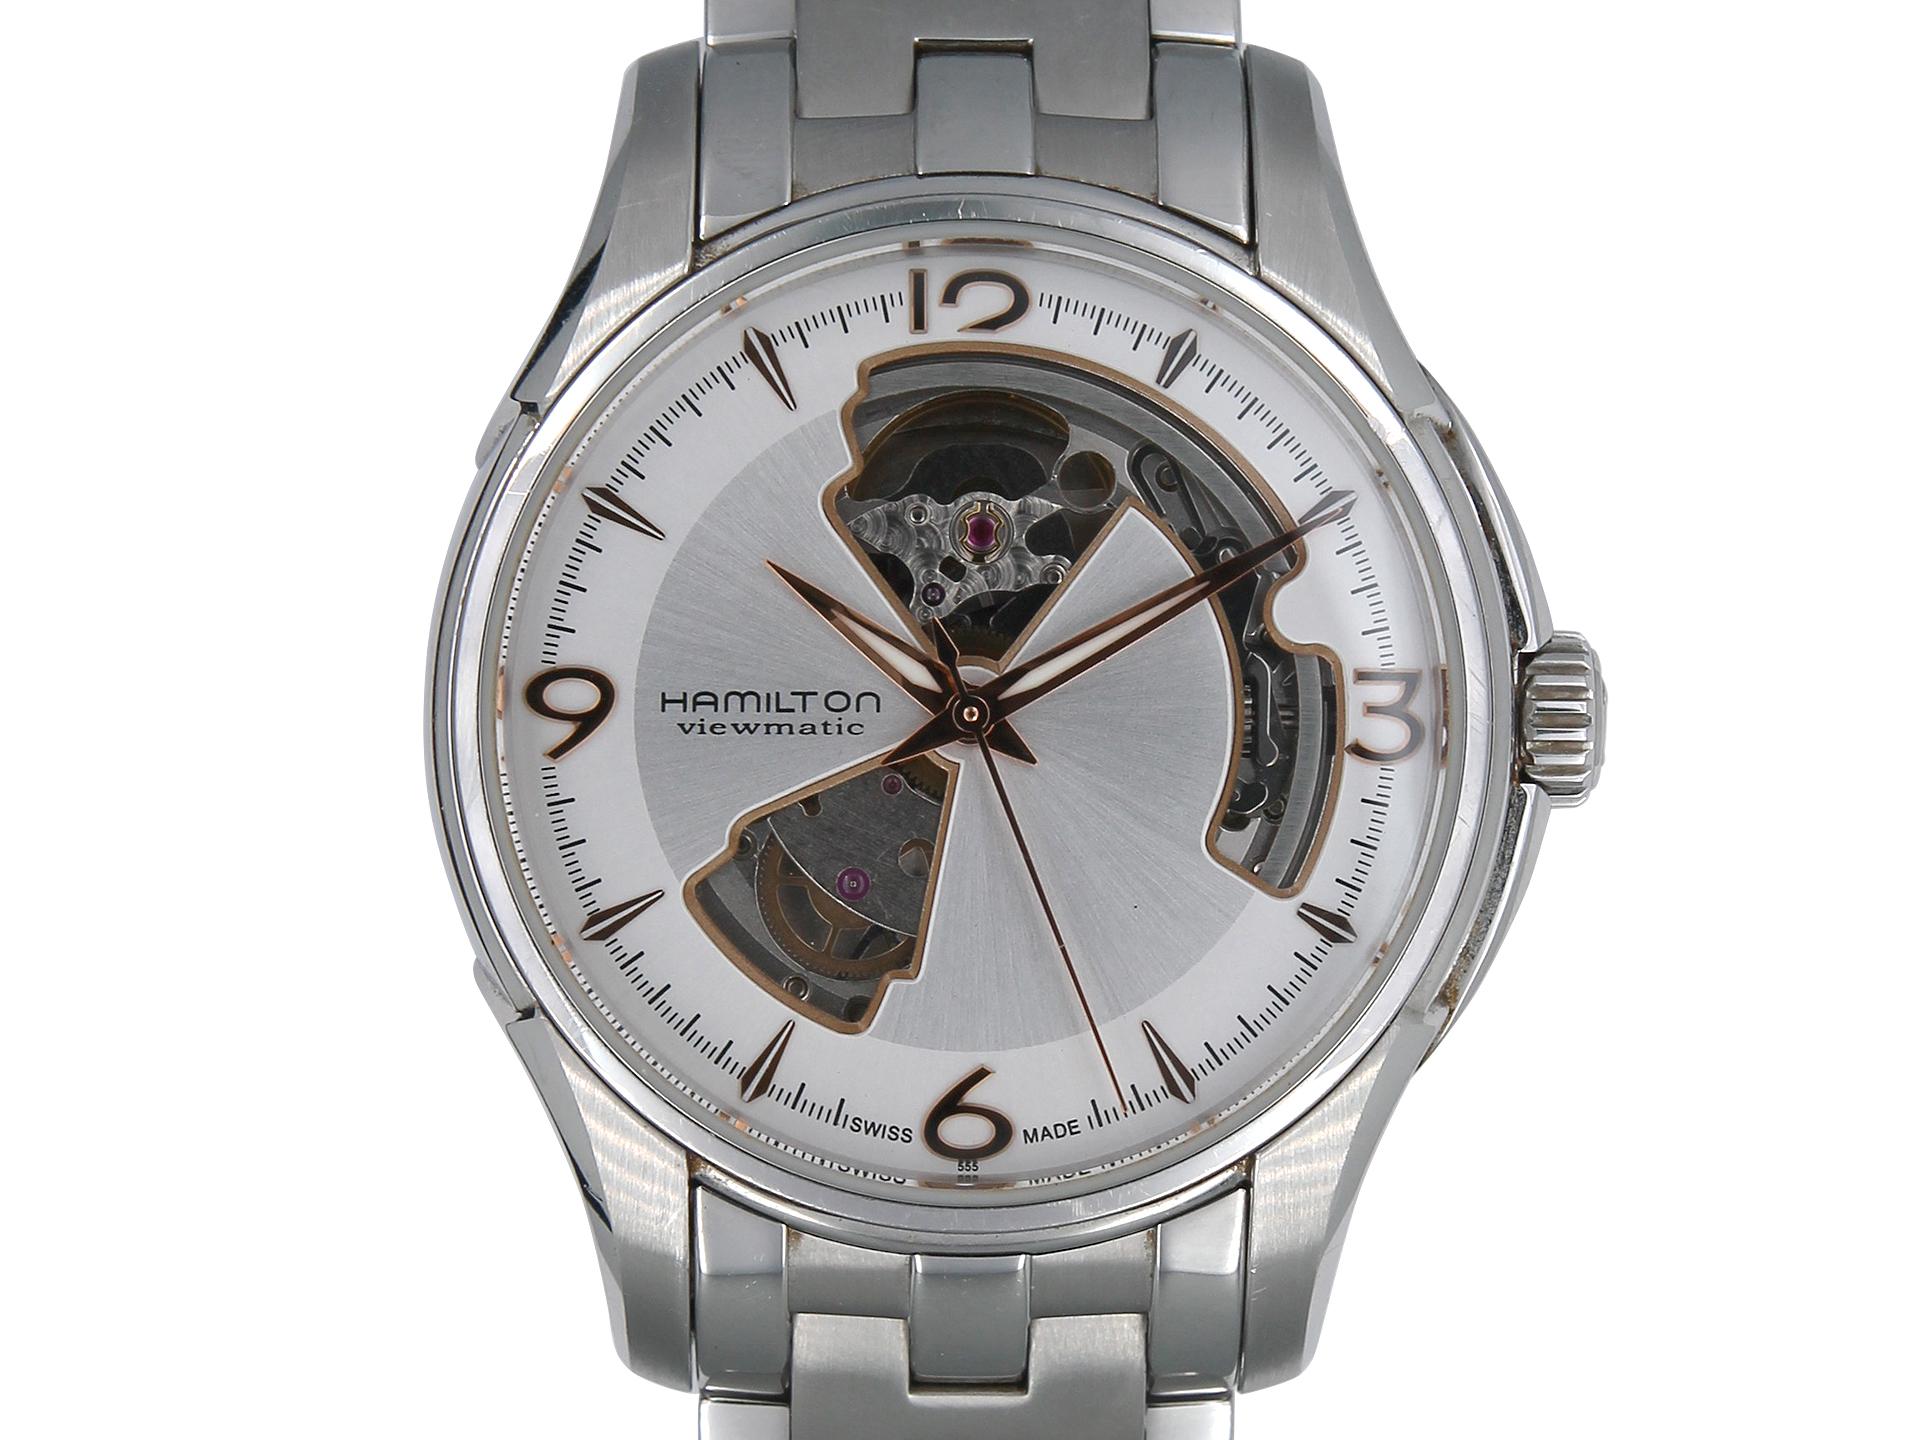 ハミルトンャズマスター ビューマチックH325650